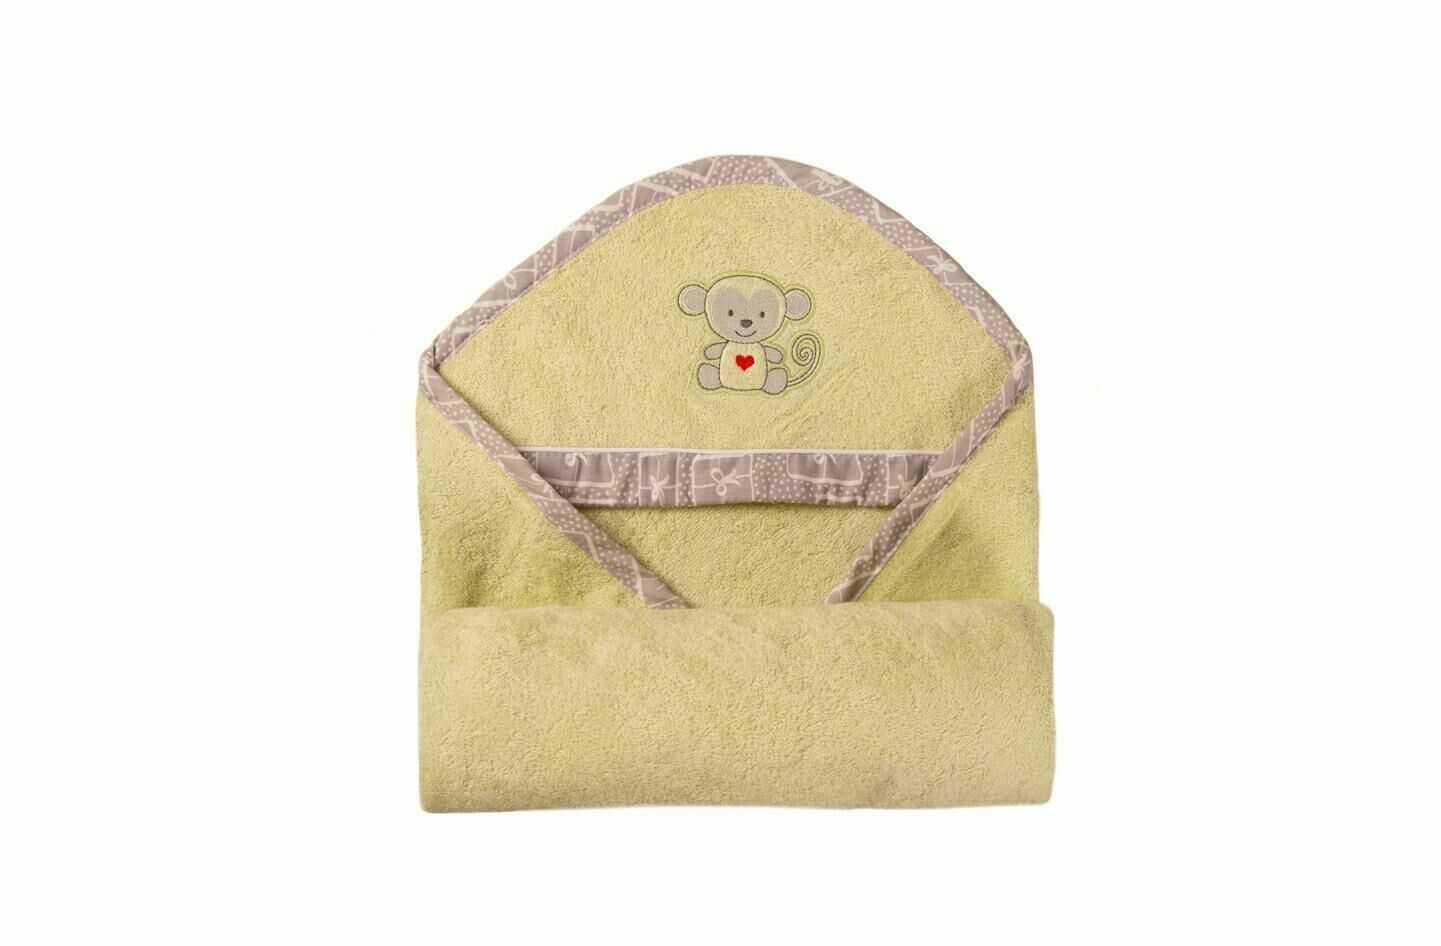 Okrycie kąpielowe niemowlęce 100x100 Bamboo 52 seledynowy ręcznik z kapturkiem